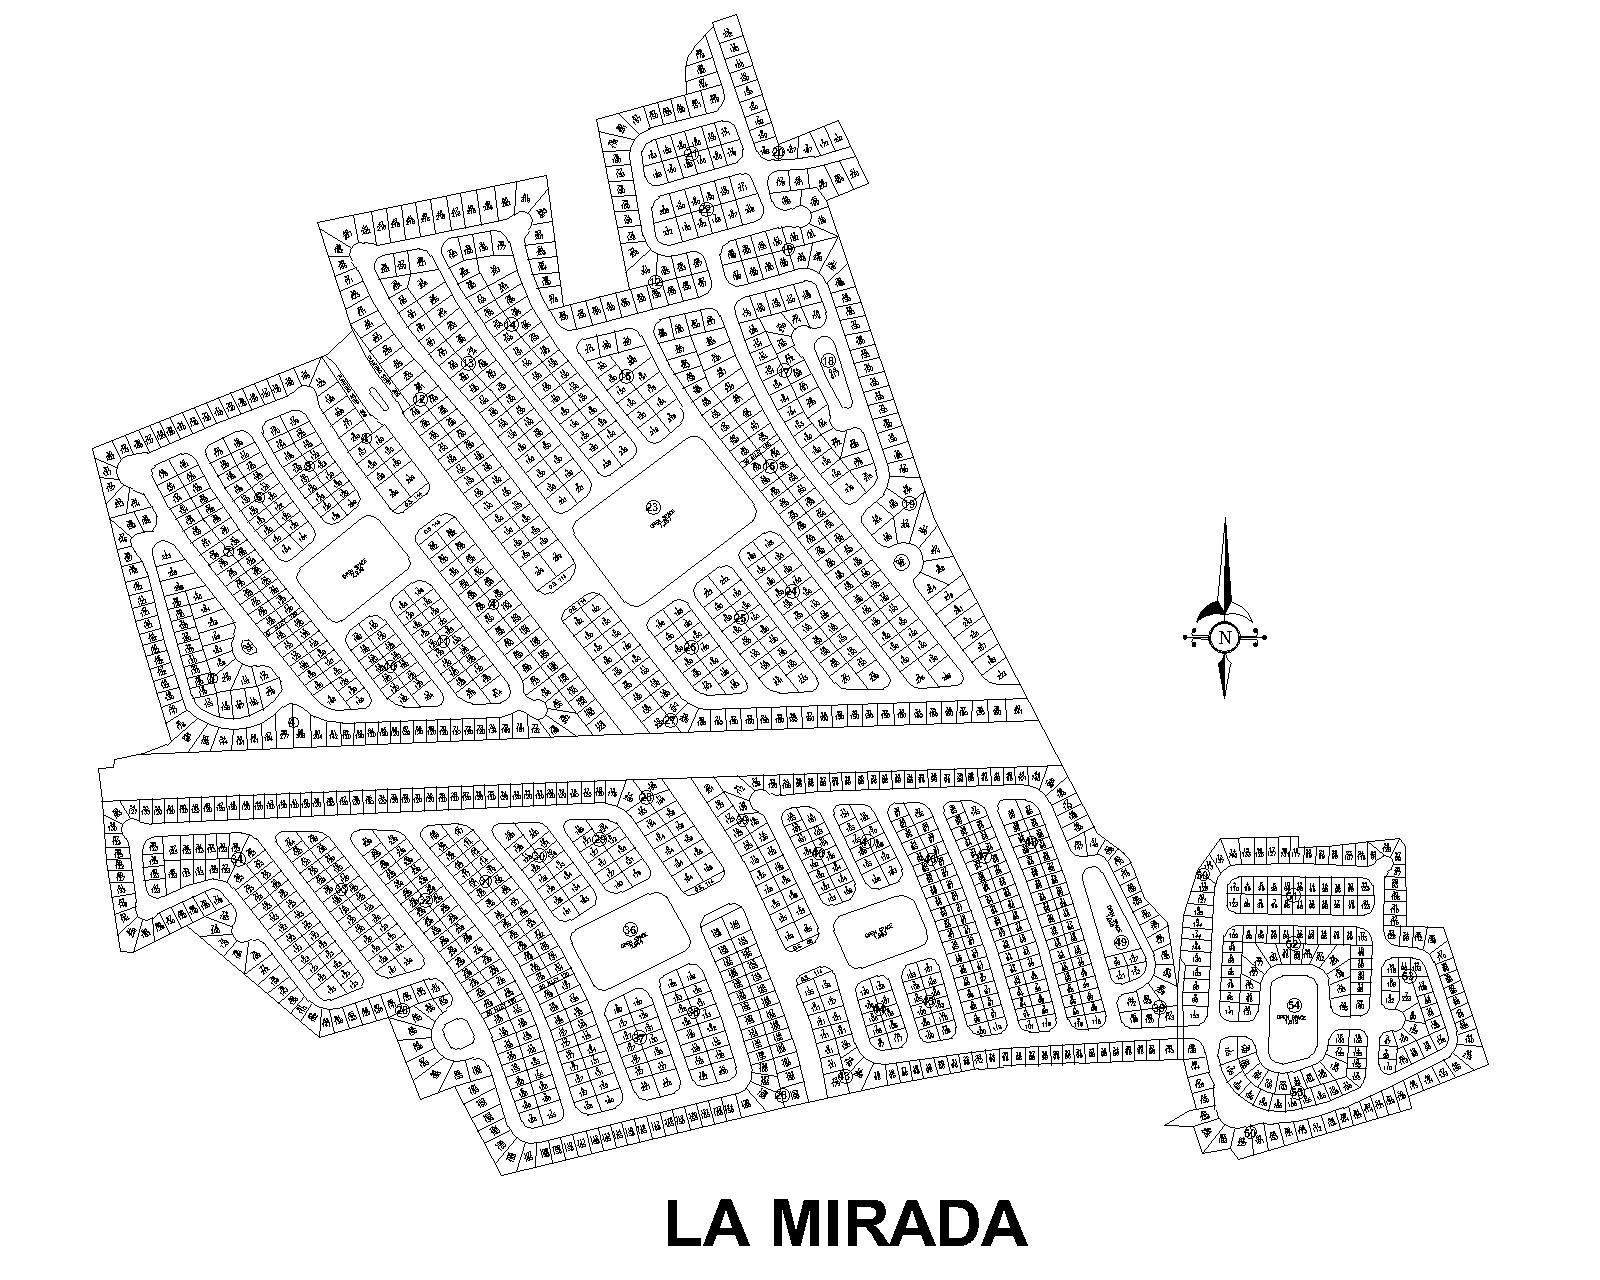 LA MIRADA